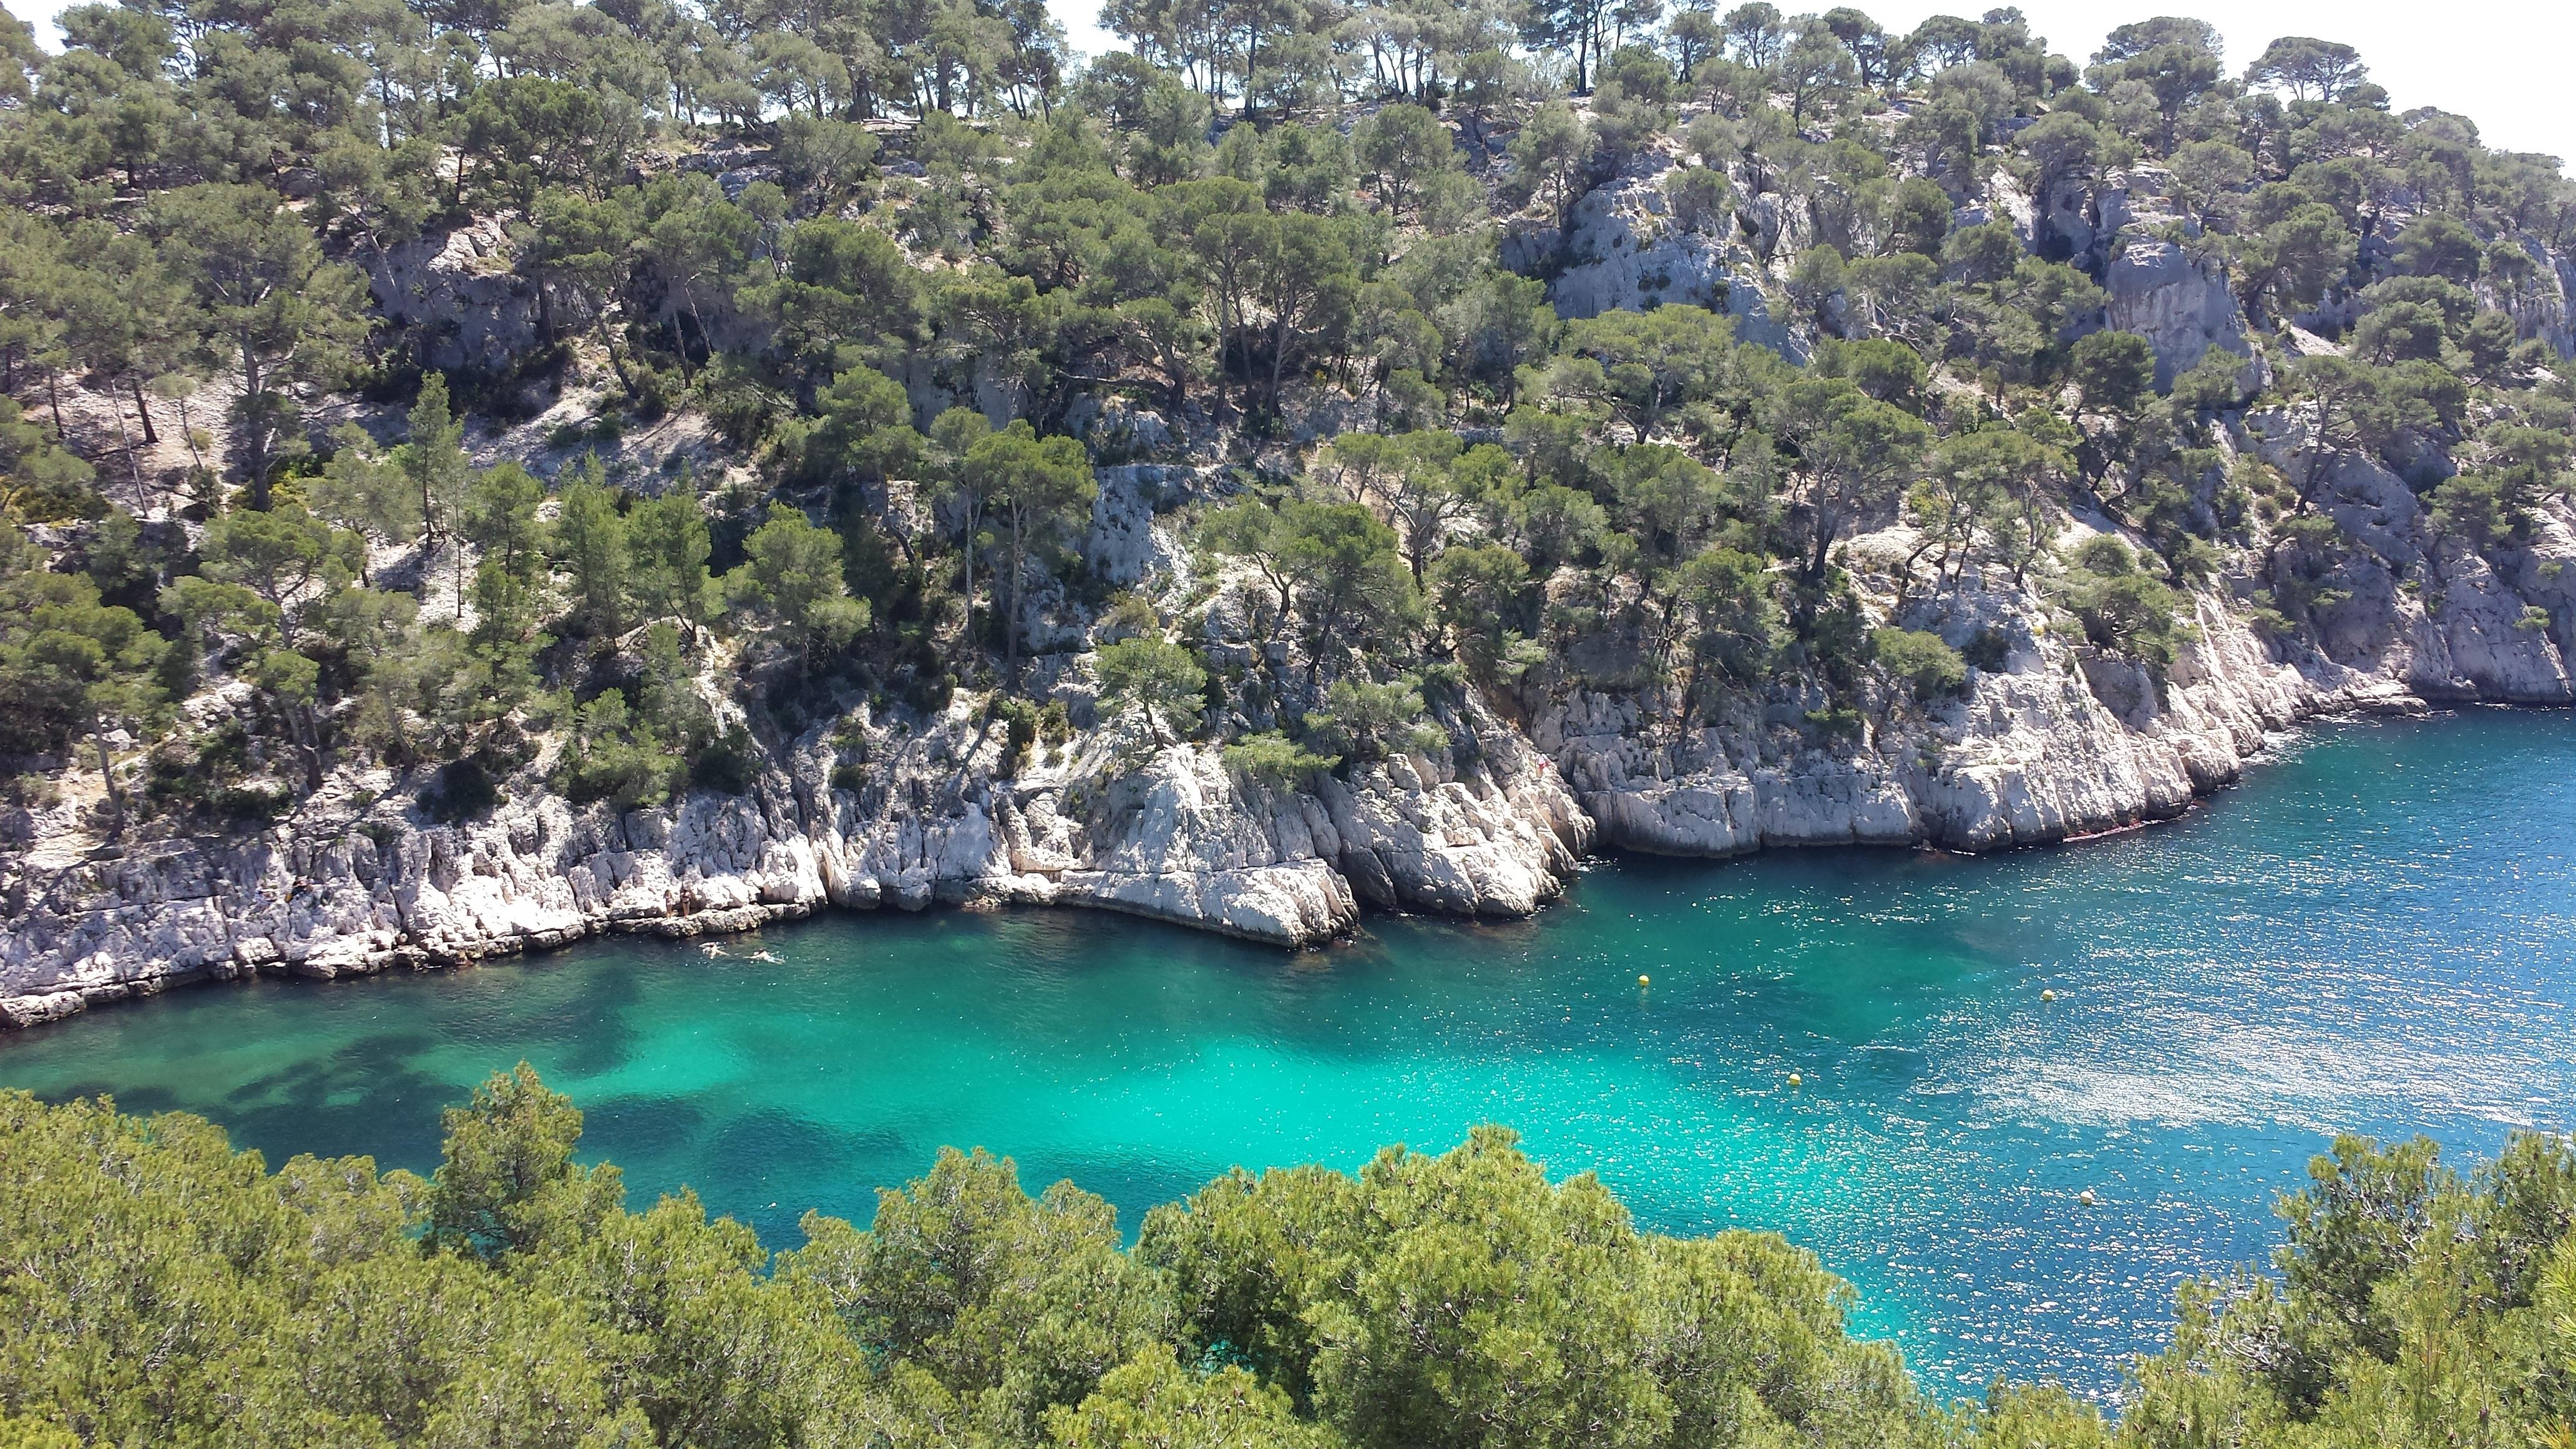 112663壁紙のダウンロード自然, マルセイユ, トップセイル, フランス, 地中海-スクリーンセーバーと写真を無料で